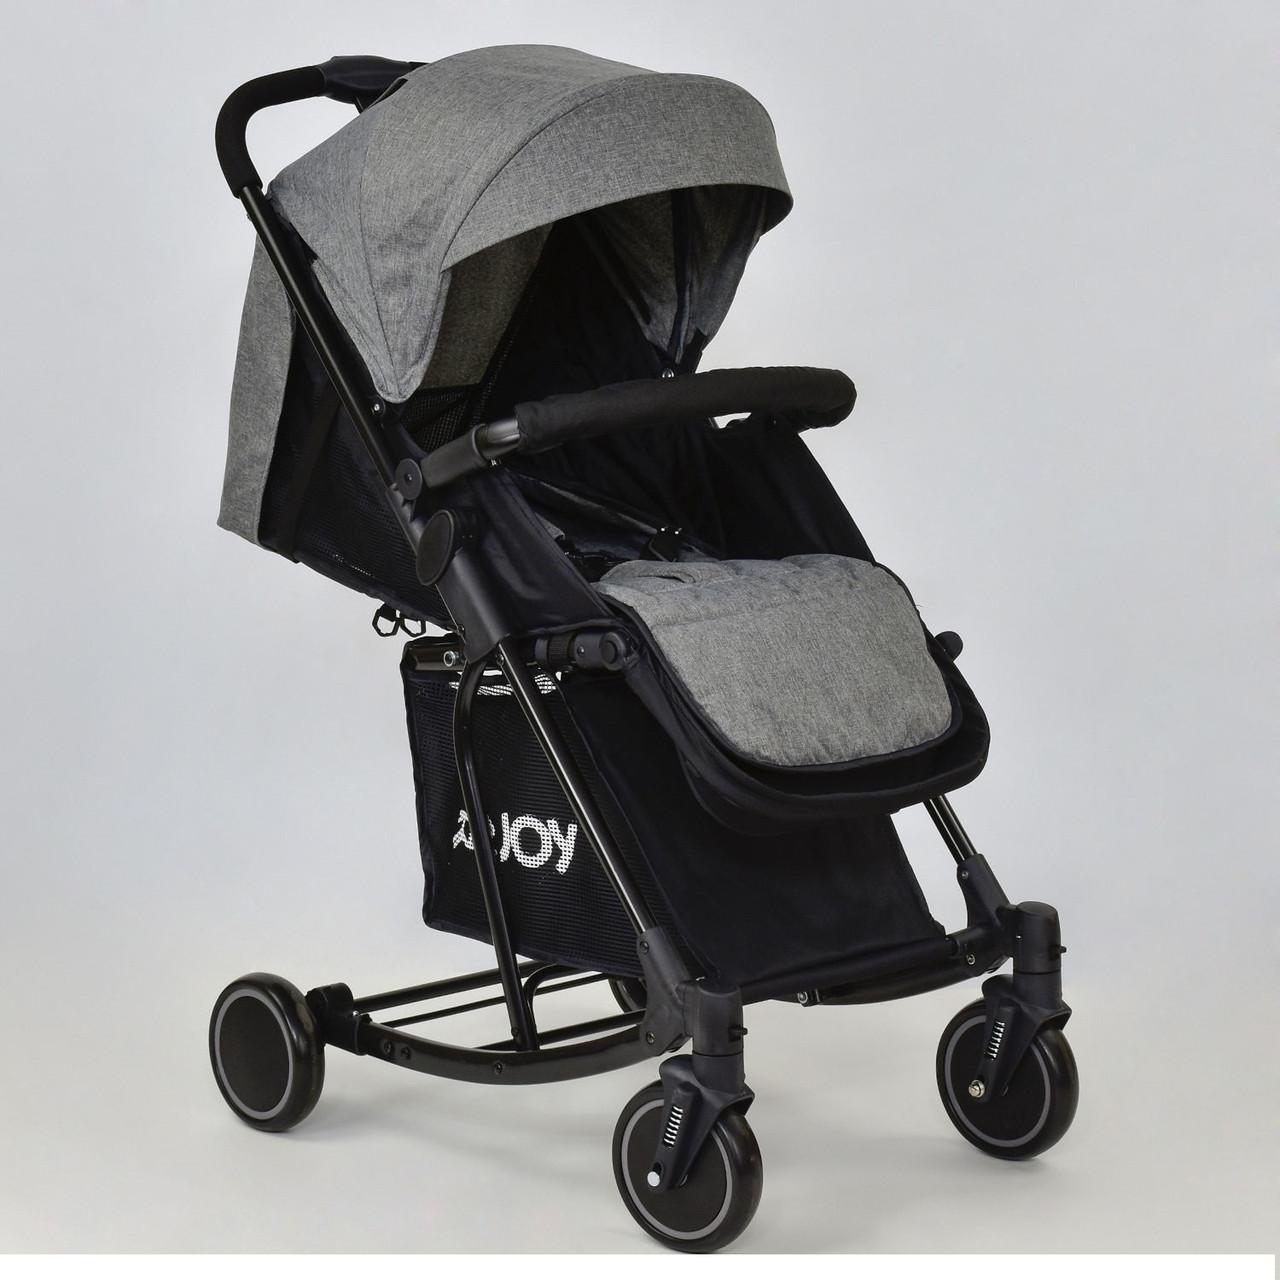 Детская коляска Т 609 JOY с функцией качания серая